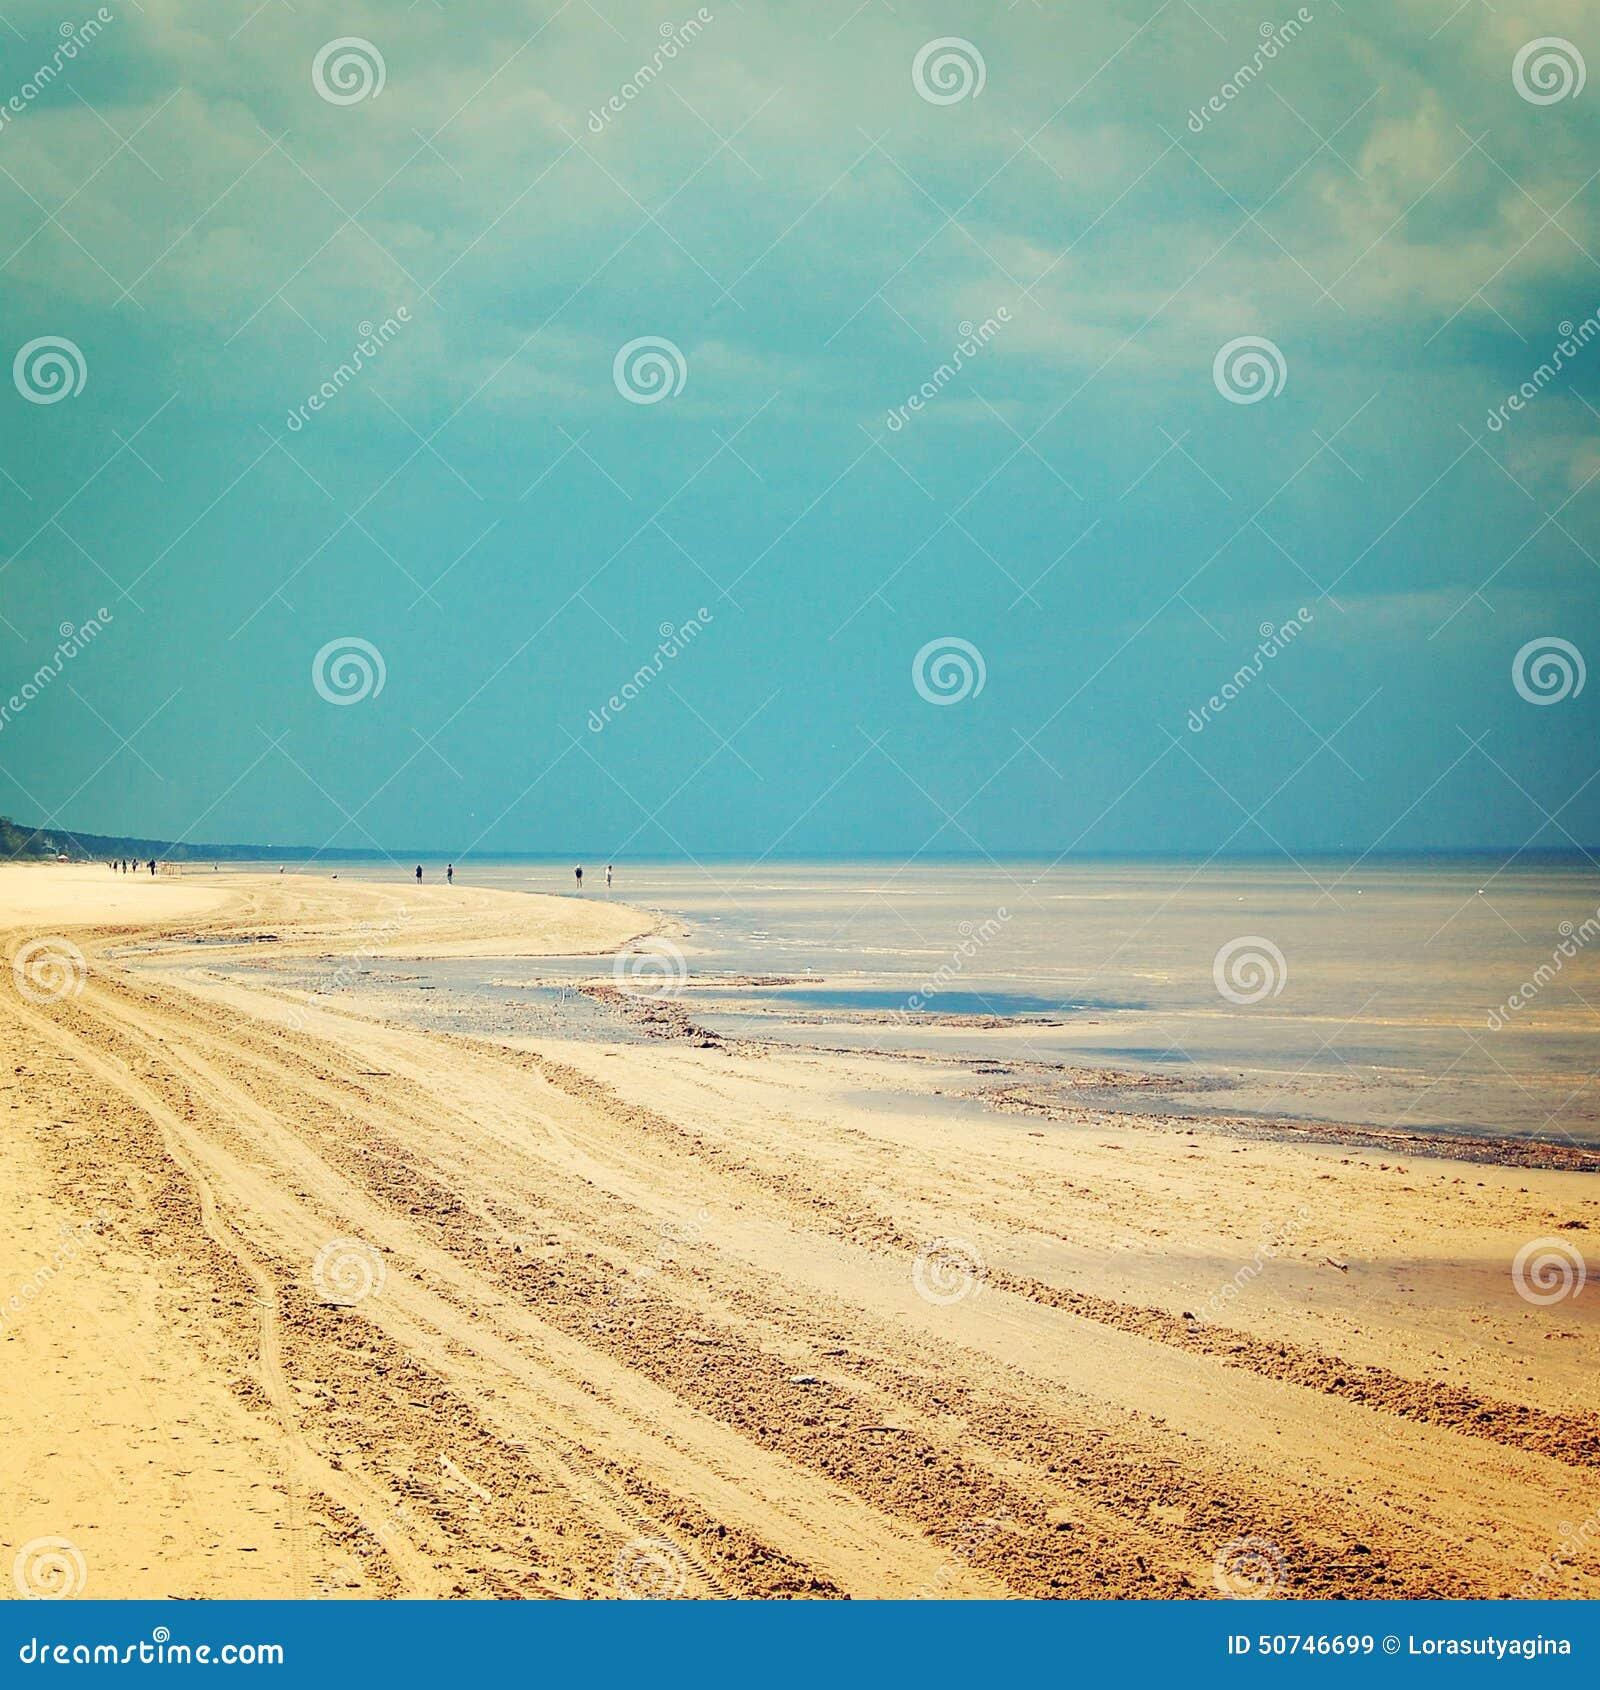 Empty Jurmala Beach Out Of Season